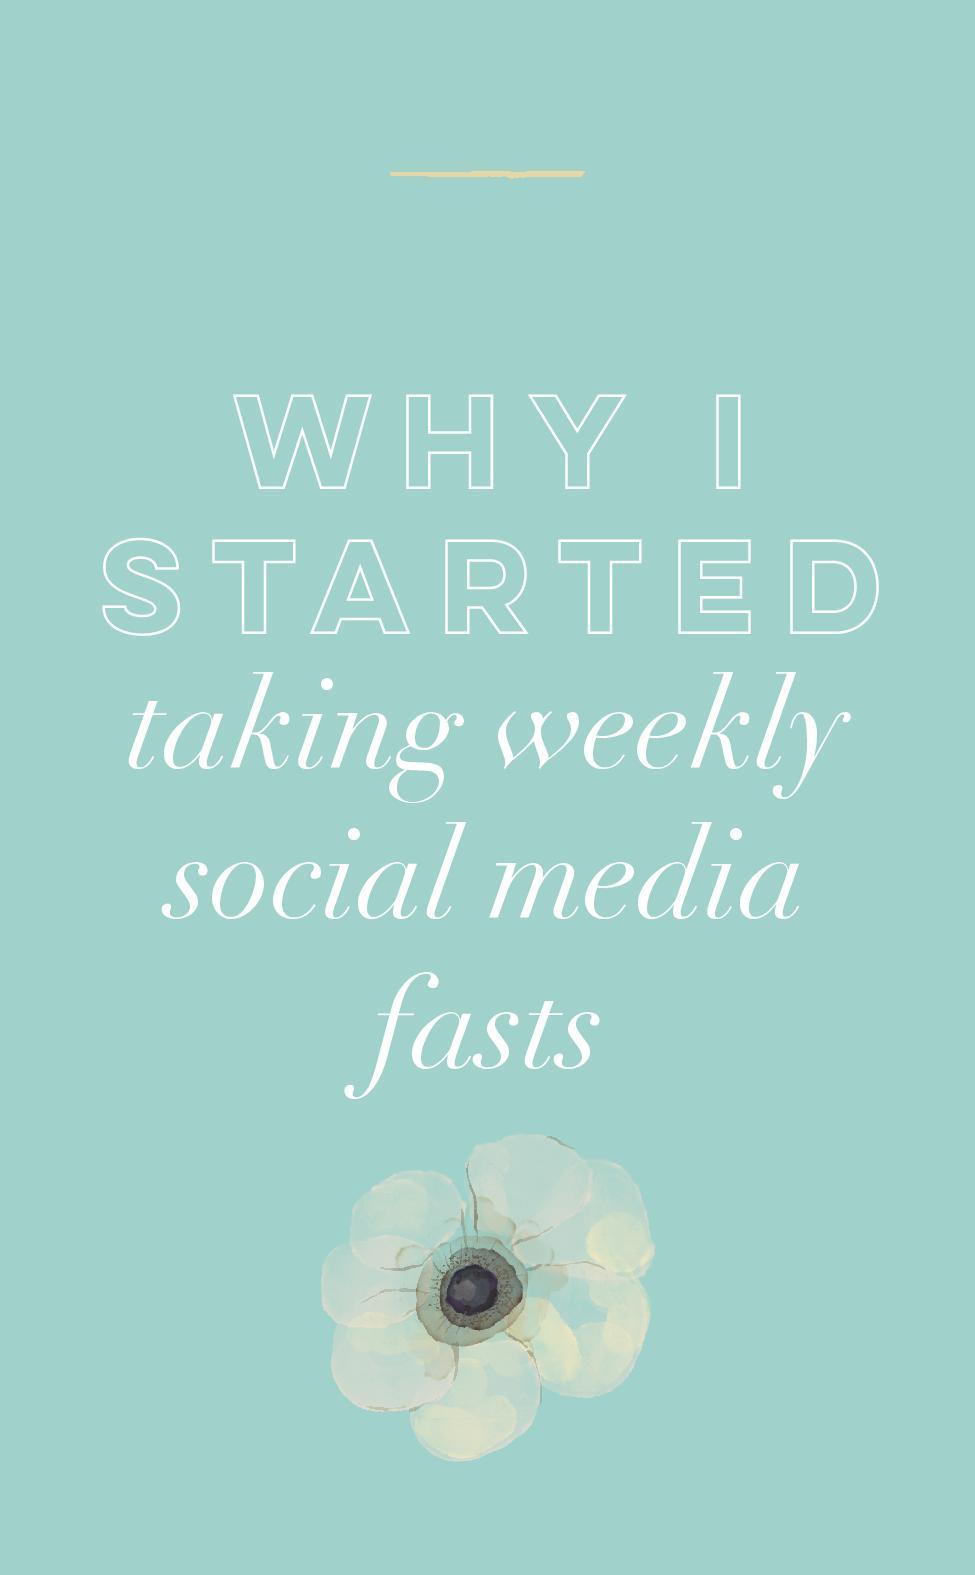 Social media fasts.jpg